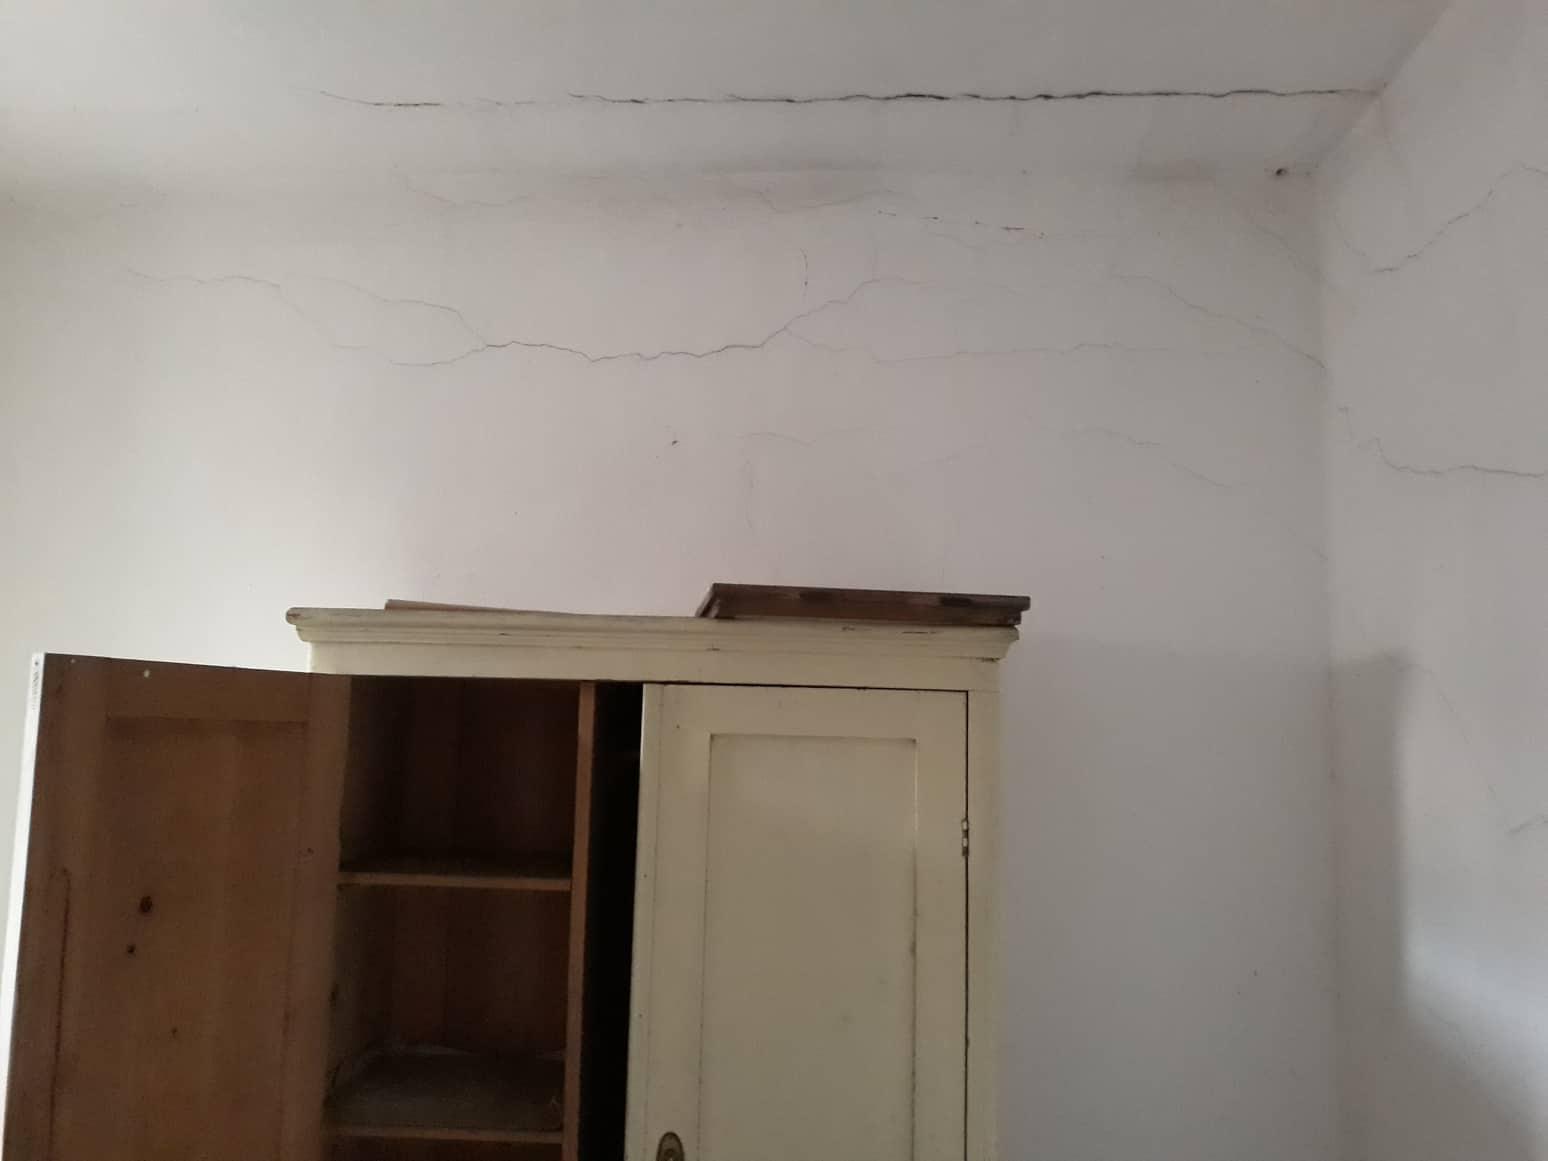 Rekonštrukcia domu-alebo chceme si splniť sen =》🏠🌻🌼🐶  mat domcek a vratit sa na Slovensko - steny su jedine tu popraskane